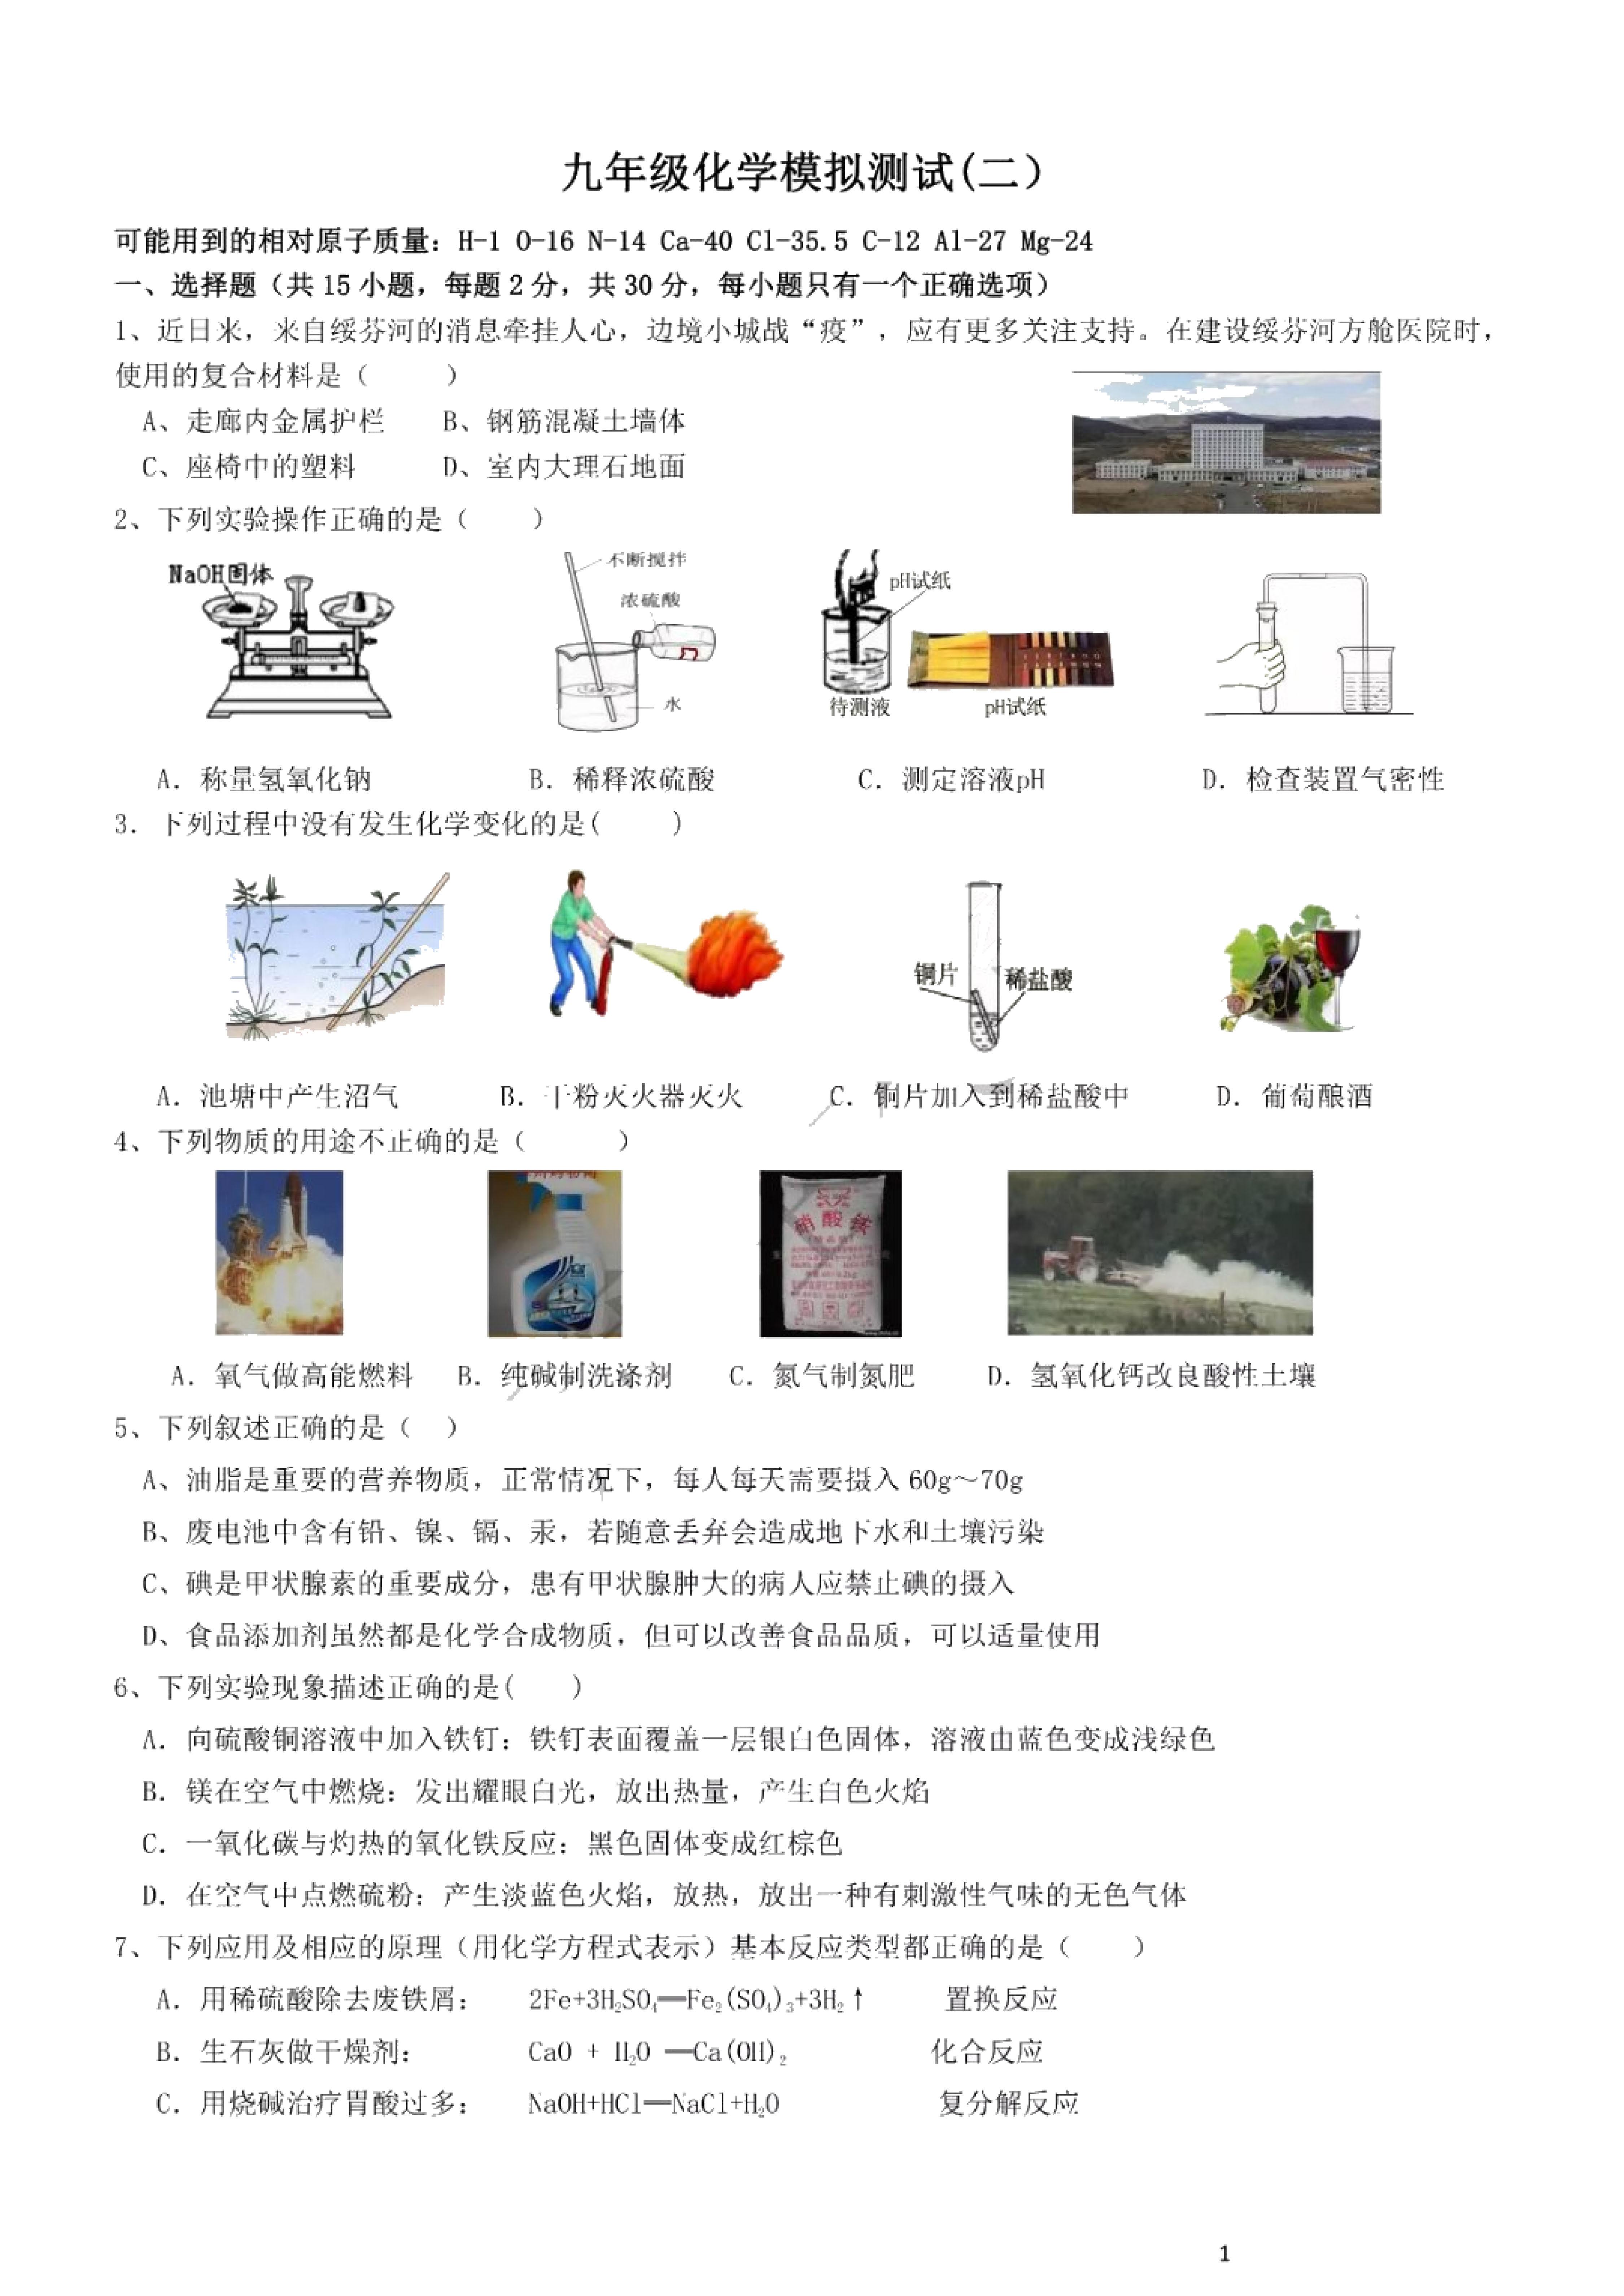 2020哈尔滨光华中学初三二诊化学试题答案(PDF下载版)